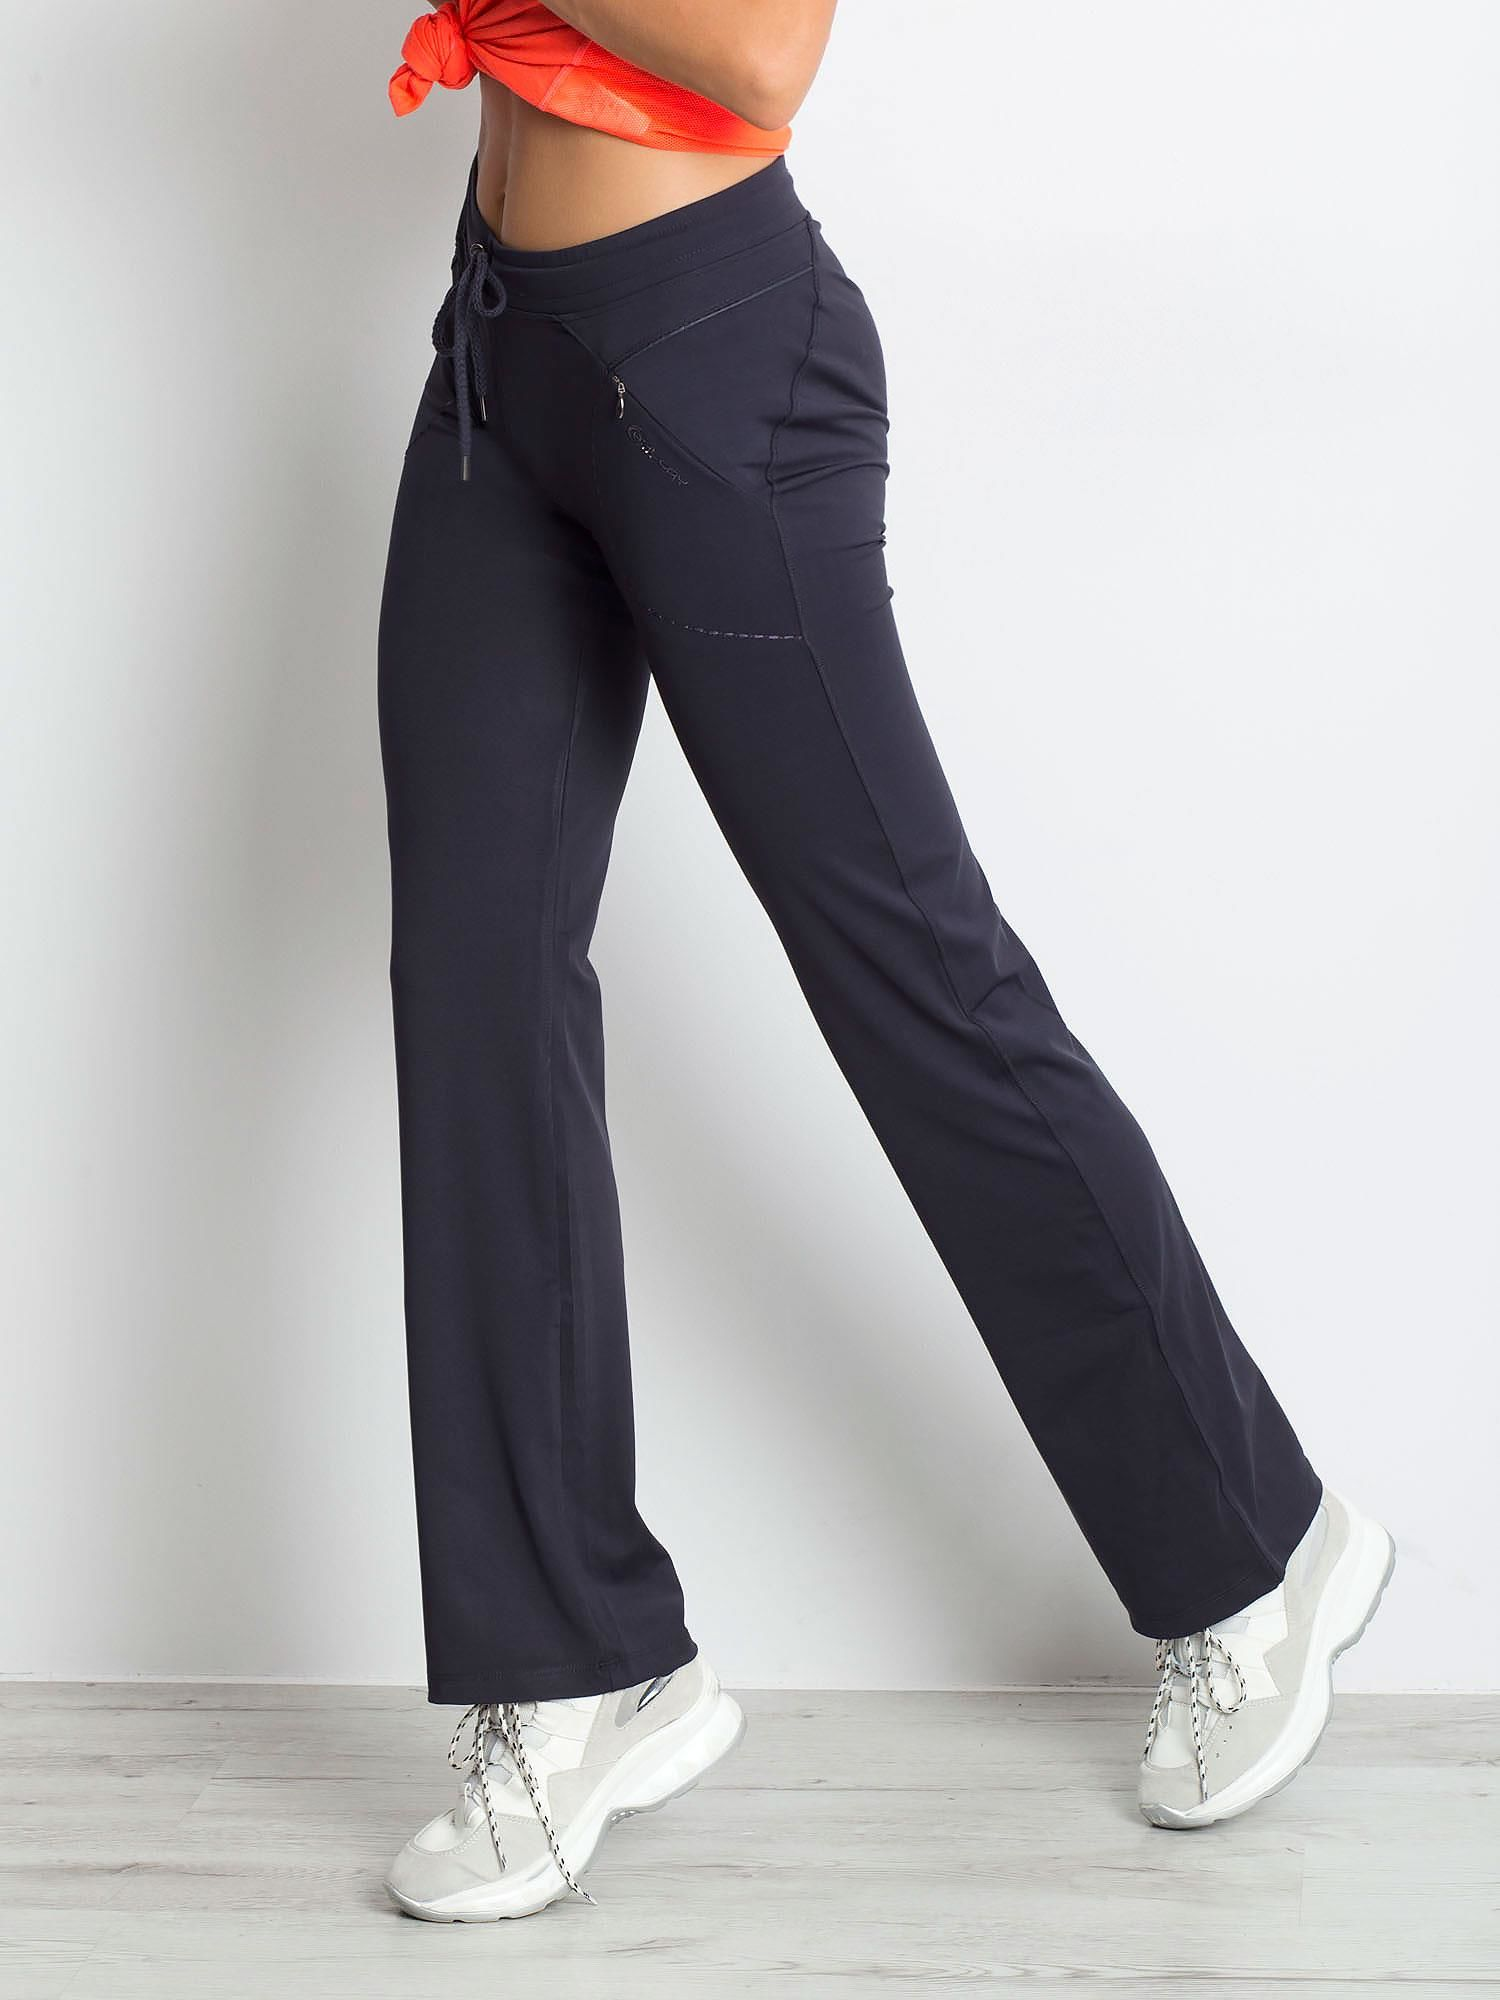 Grafitowe spodnie dresowe z wszytą kieszonką                                  zdj.                                  3